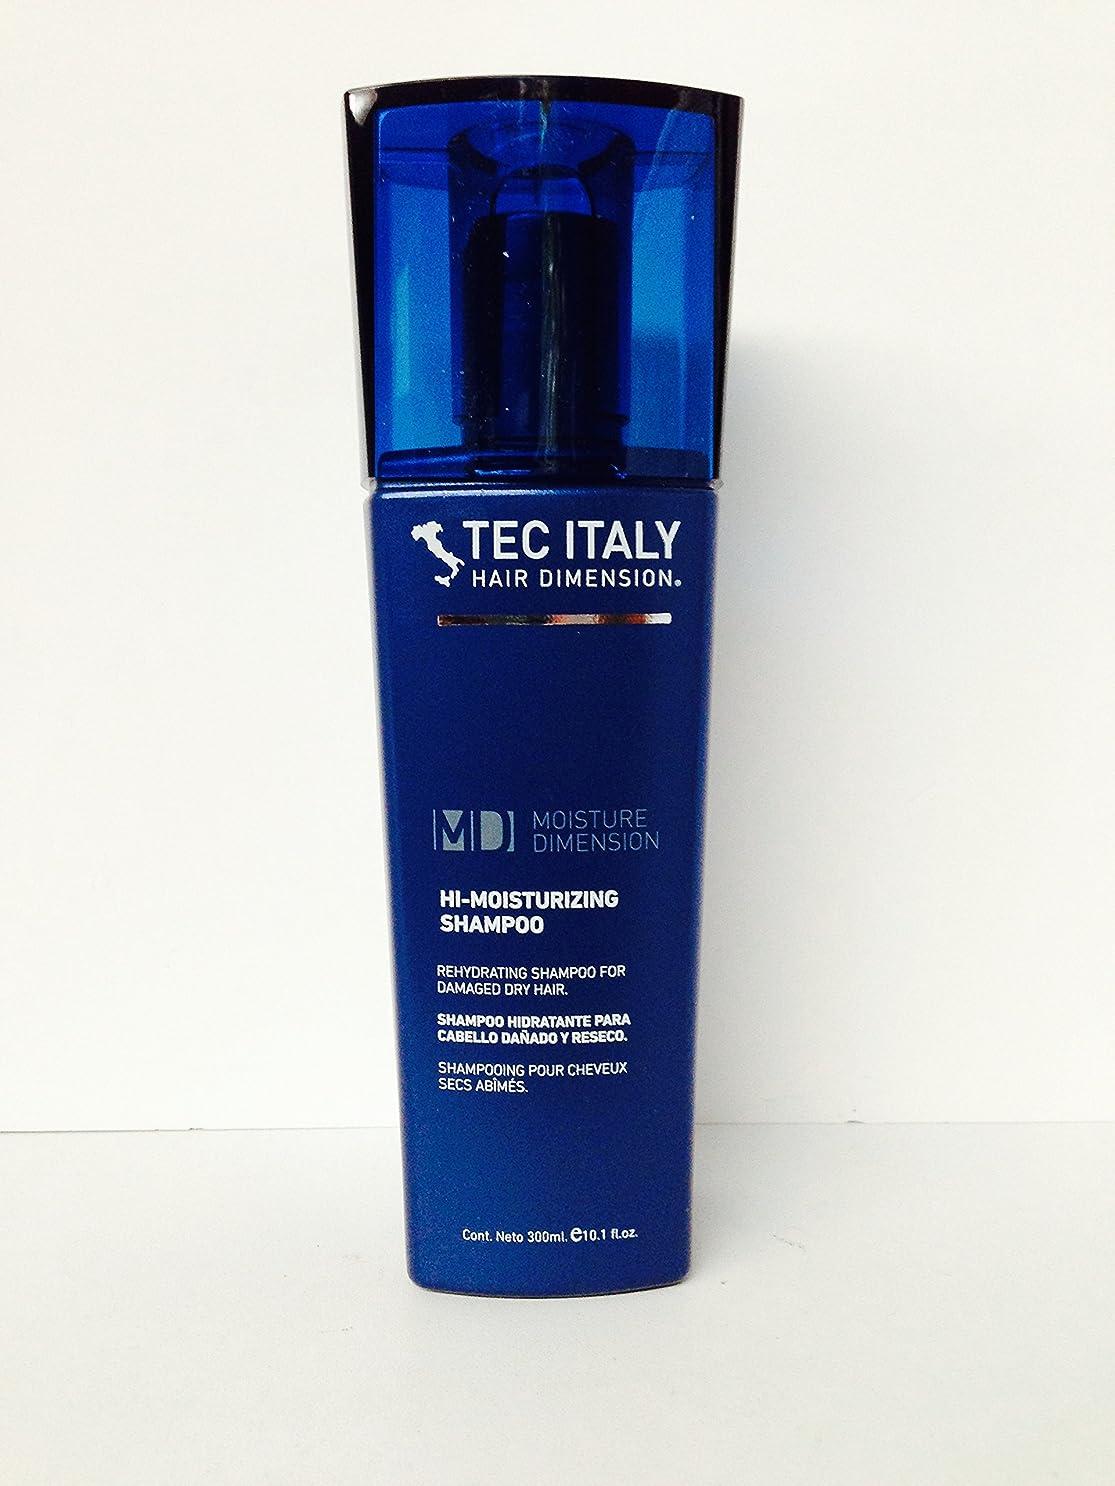 トランザクション愛情深い機関車Tec Italy Hair Dimension Moisture Dimension Hi-moisturizing Shampoo 10.1 Oz by Unknown [並行輸入品]